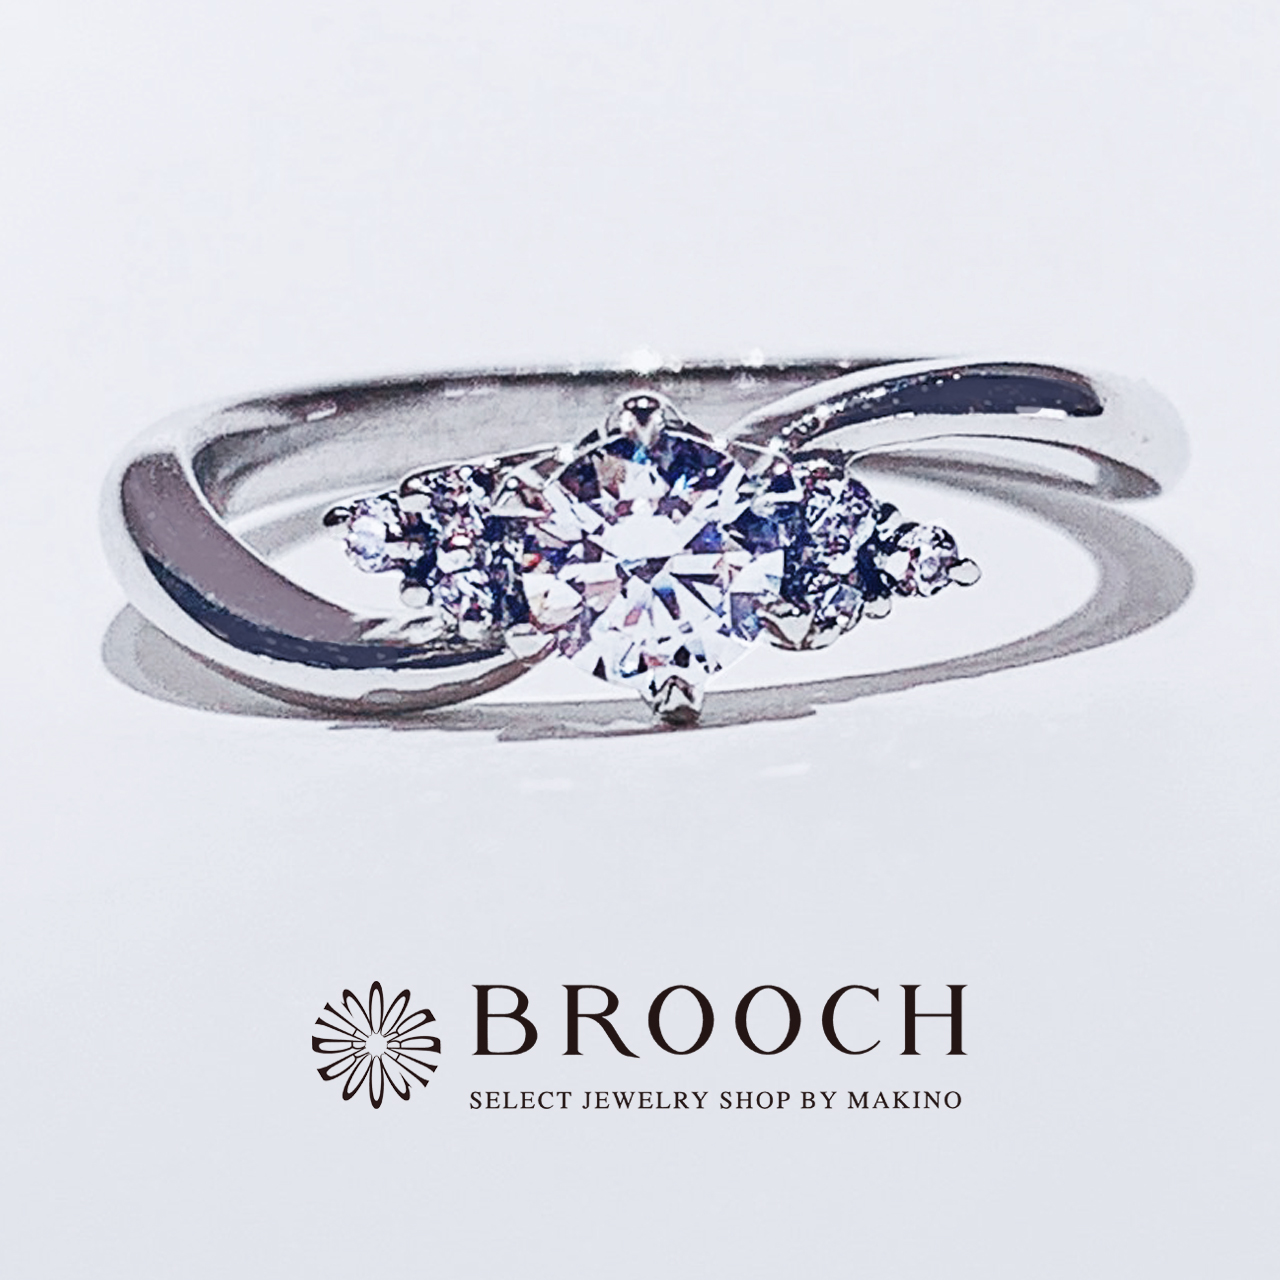 BROOCH 婚約指輪 エンゲージリング かわいい ウェーブデザイン